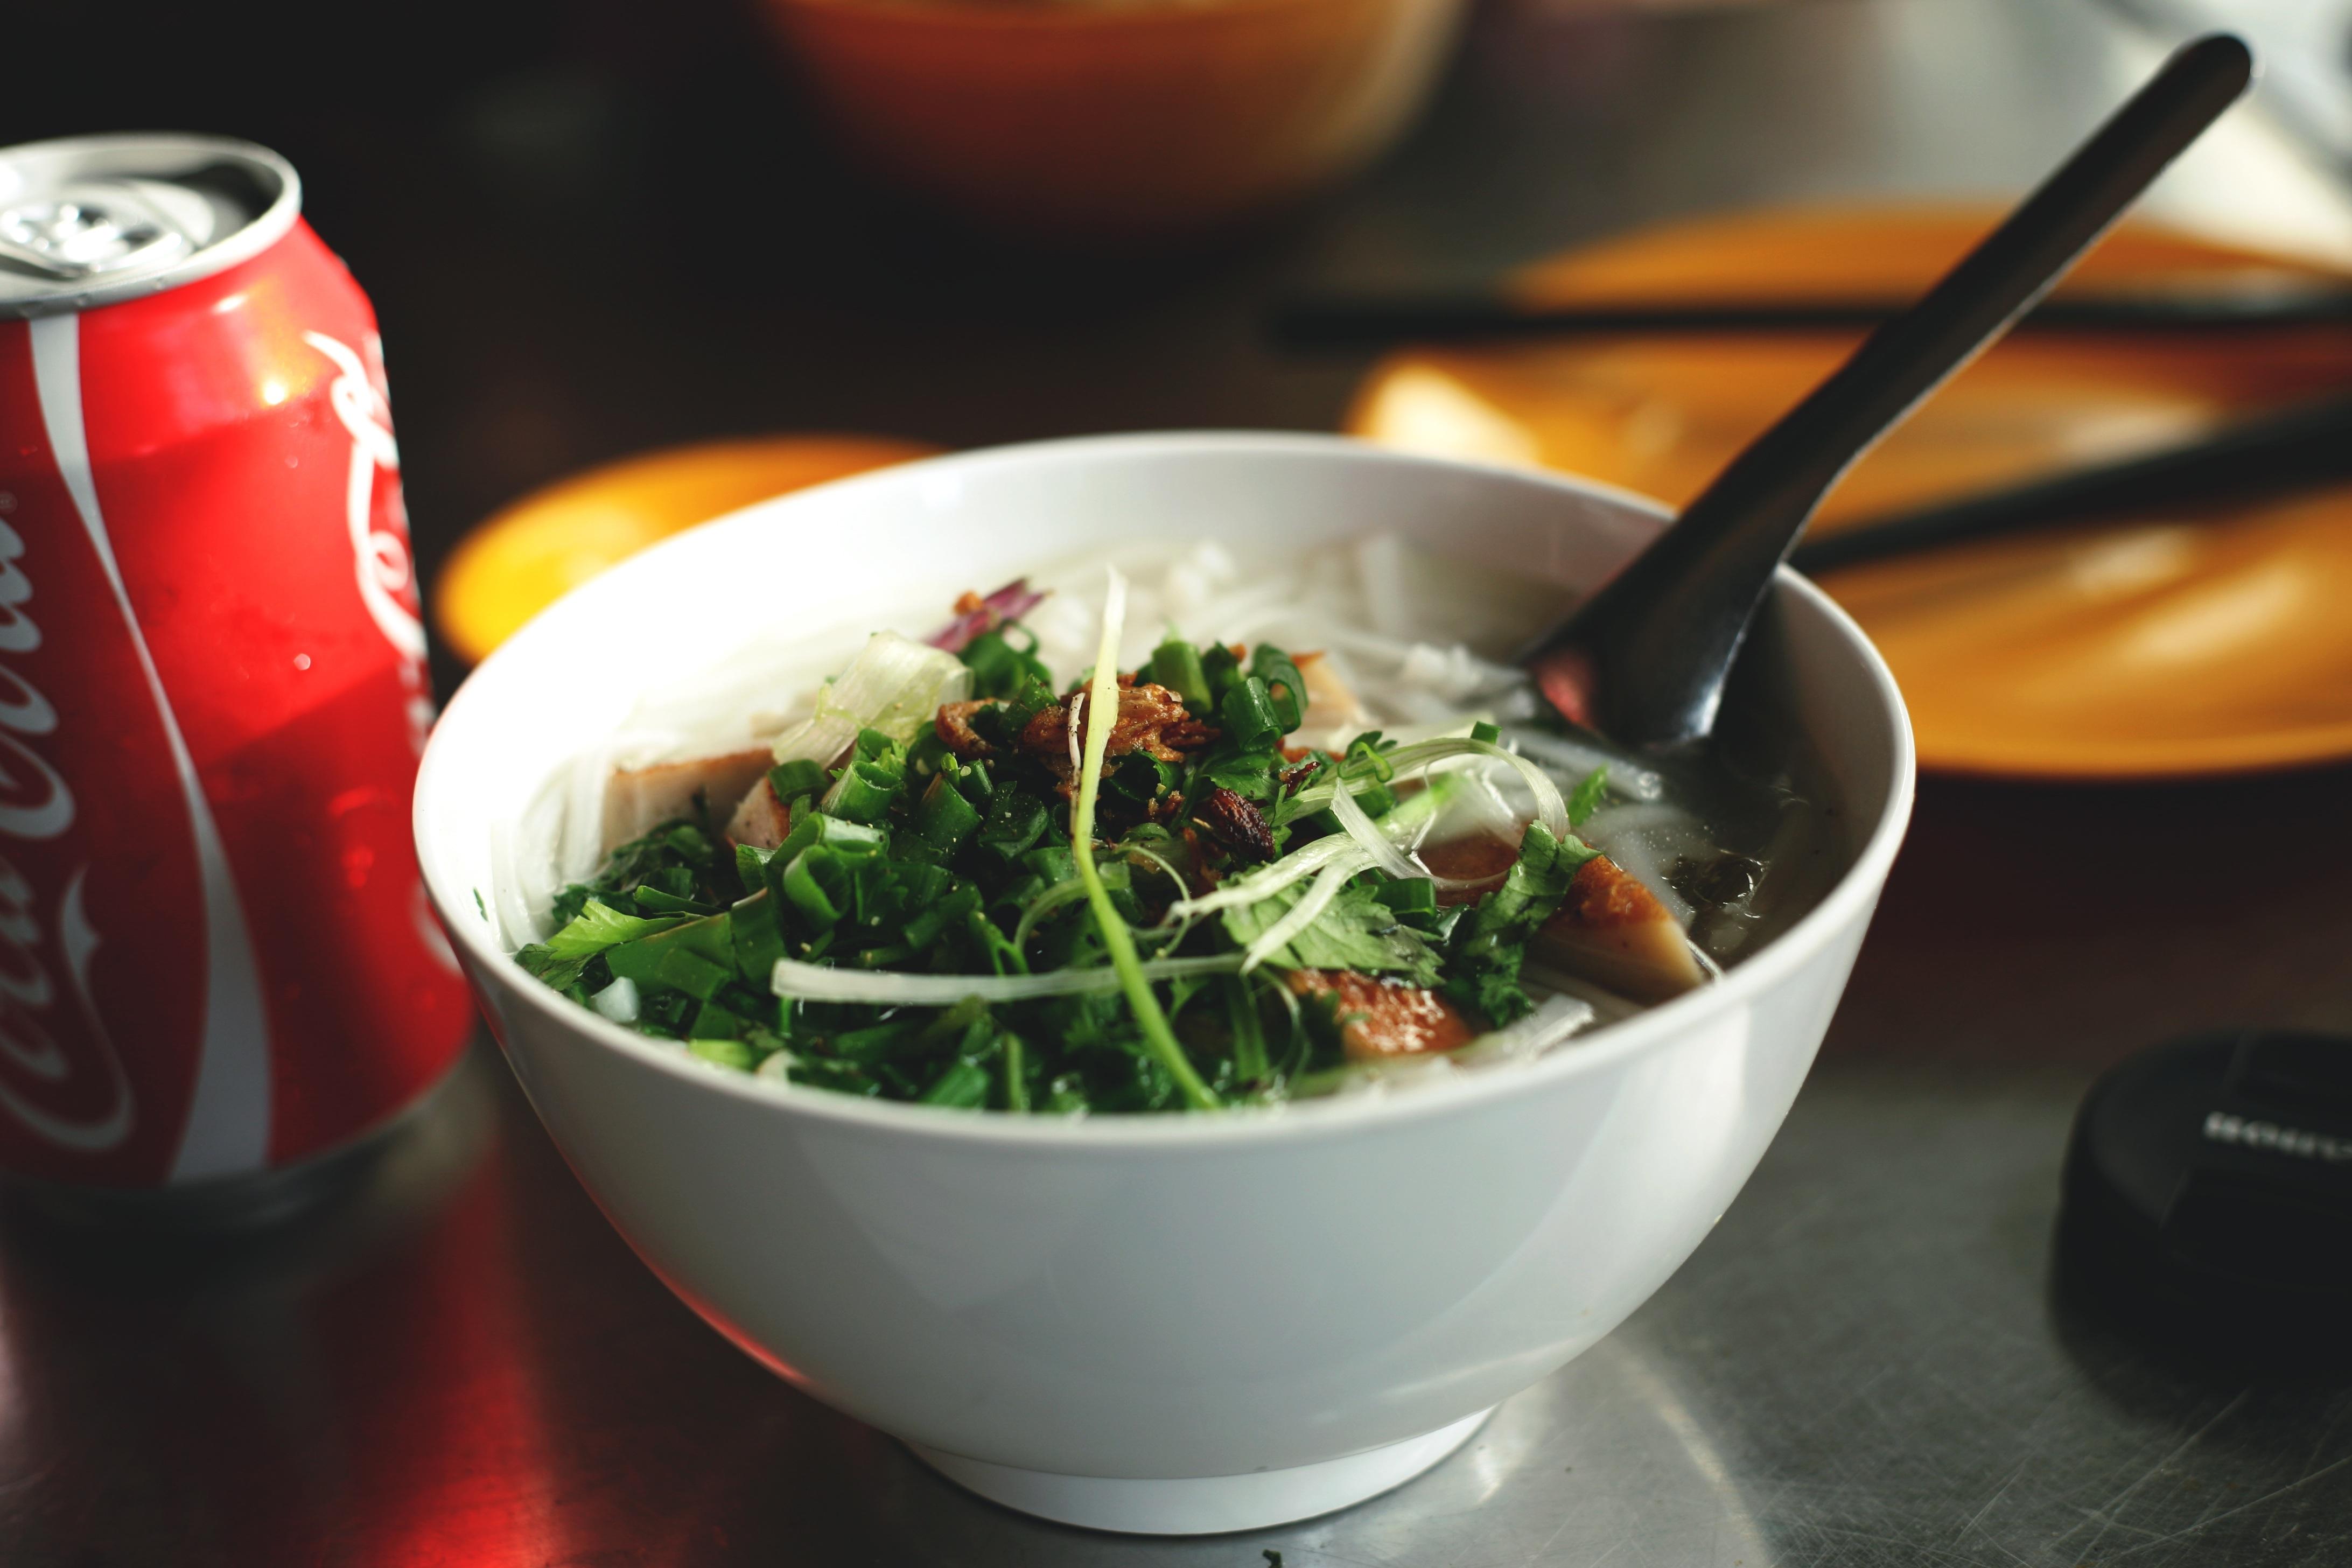 Hintergrundbilder : Lebensmittel, Gemüse, Coca Cola, Suppe ...